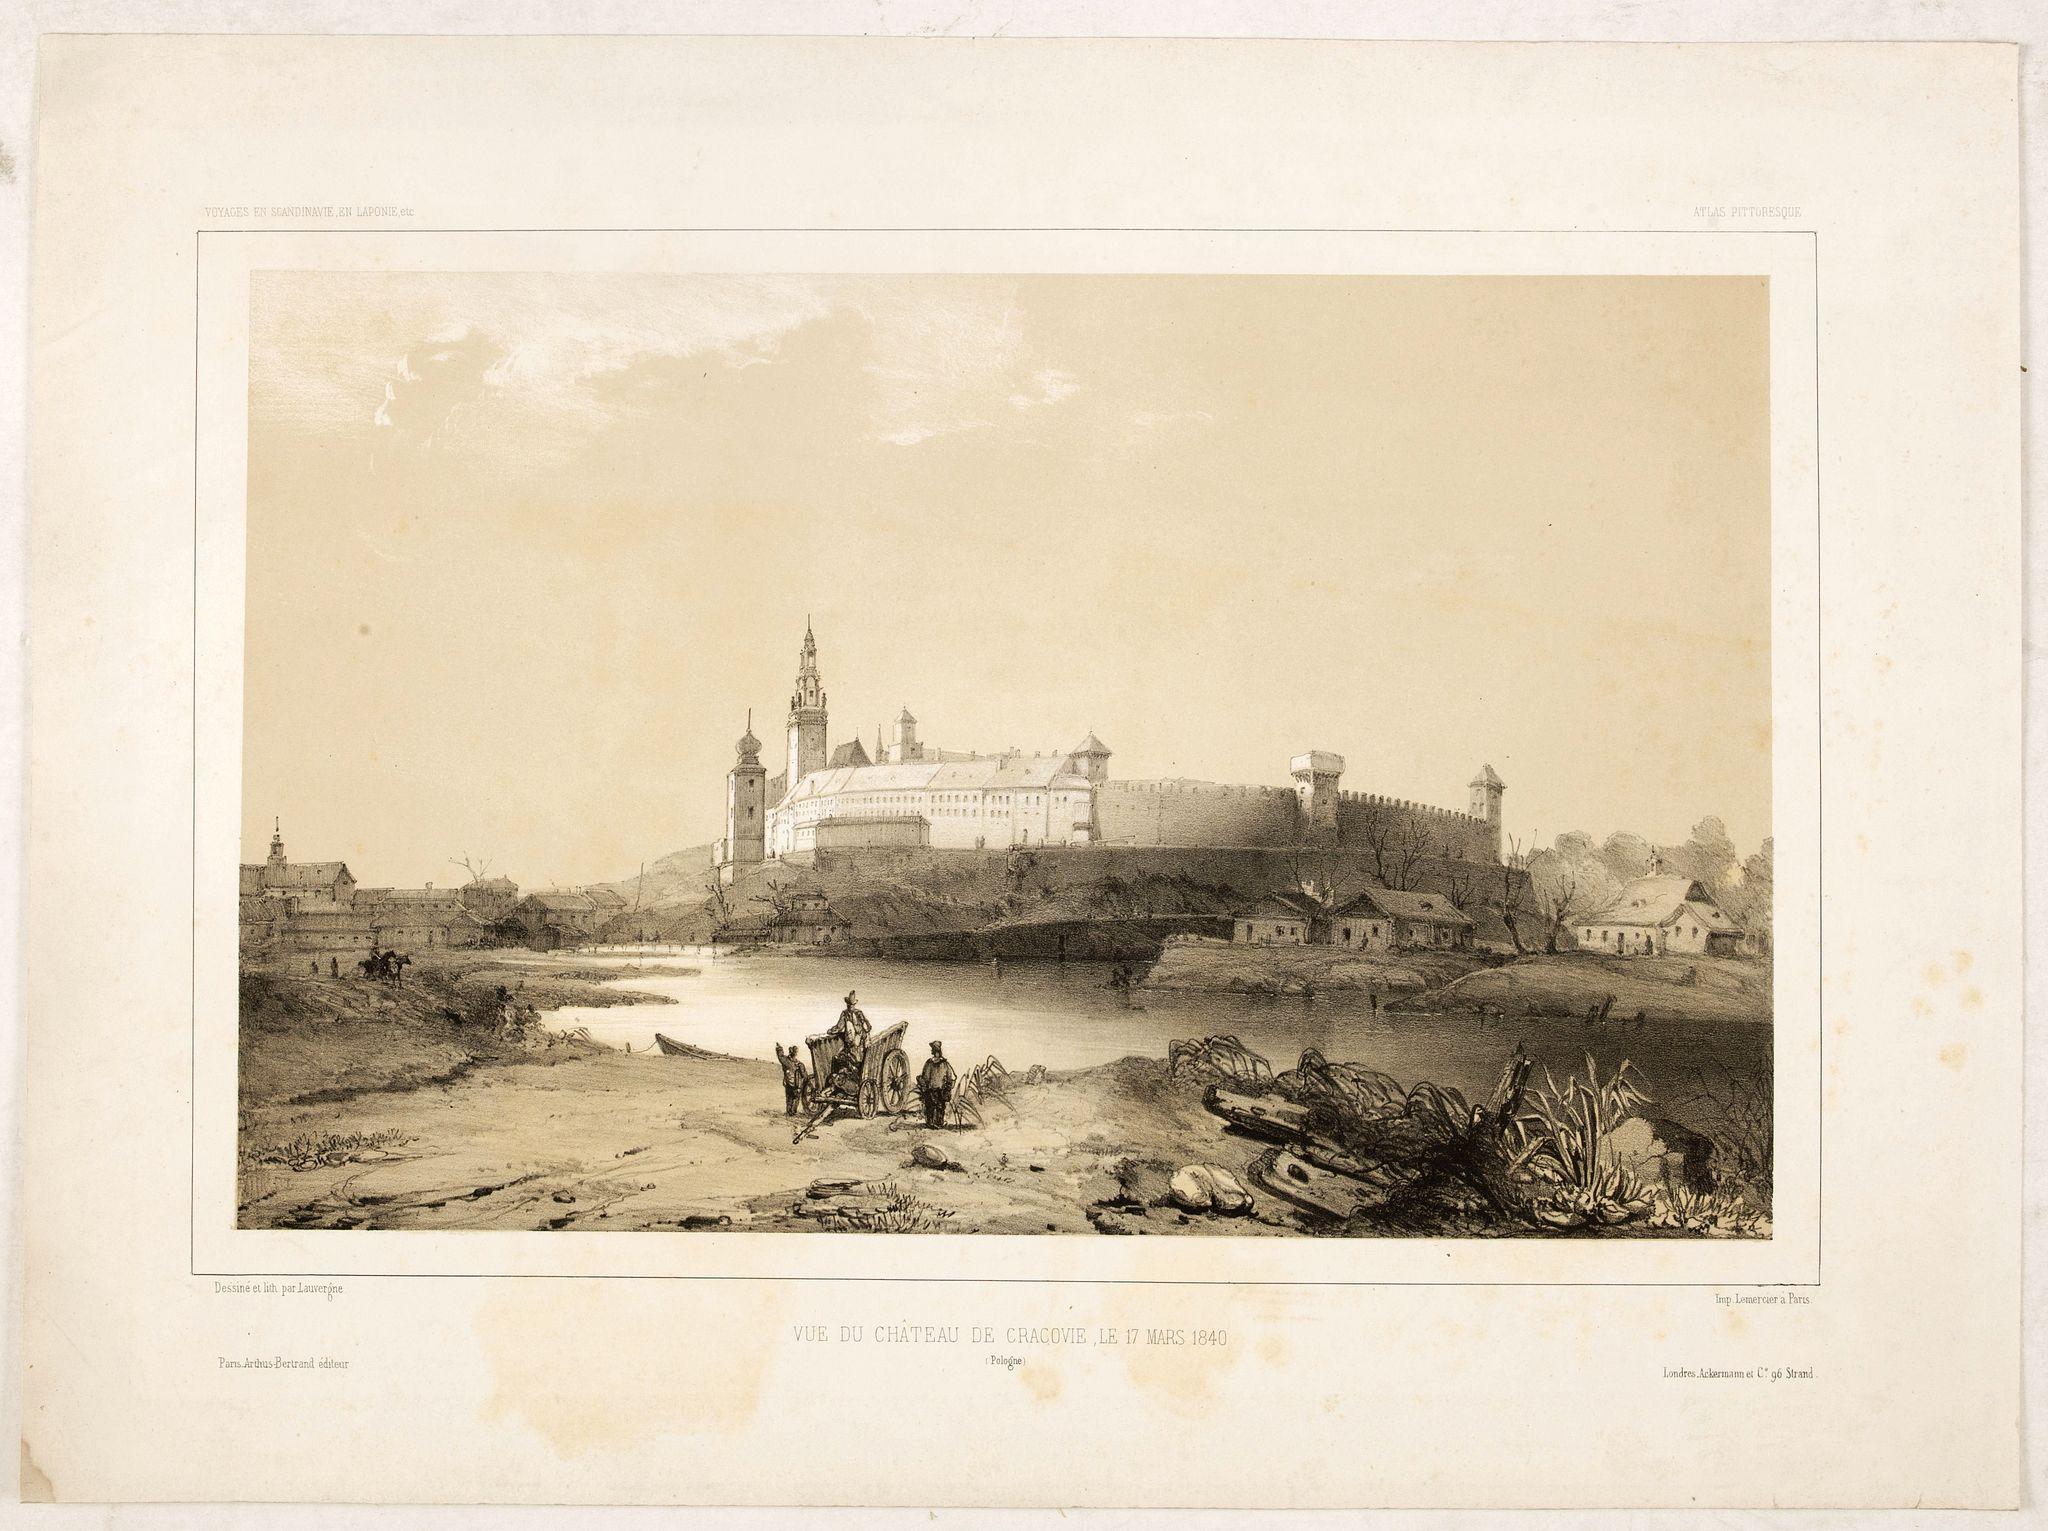 BERTRAND, A. / BELANGER, Ch. -  Vue du château de Cracovie, le 17 mars 1840. (Wawel Castle)